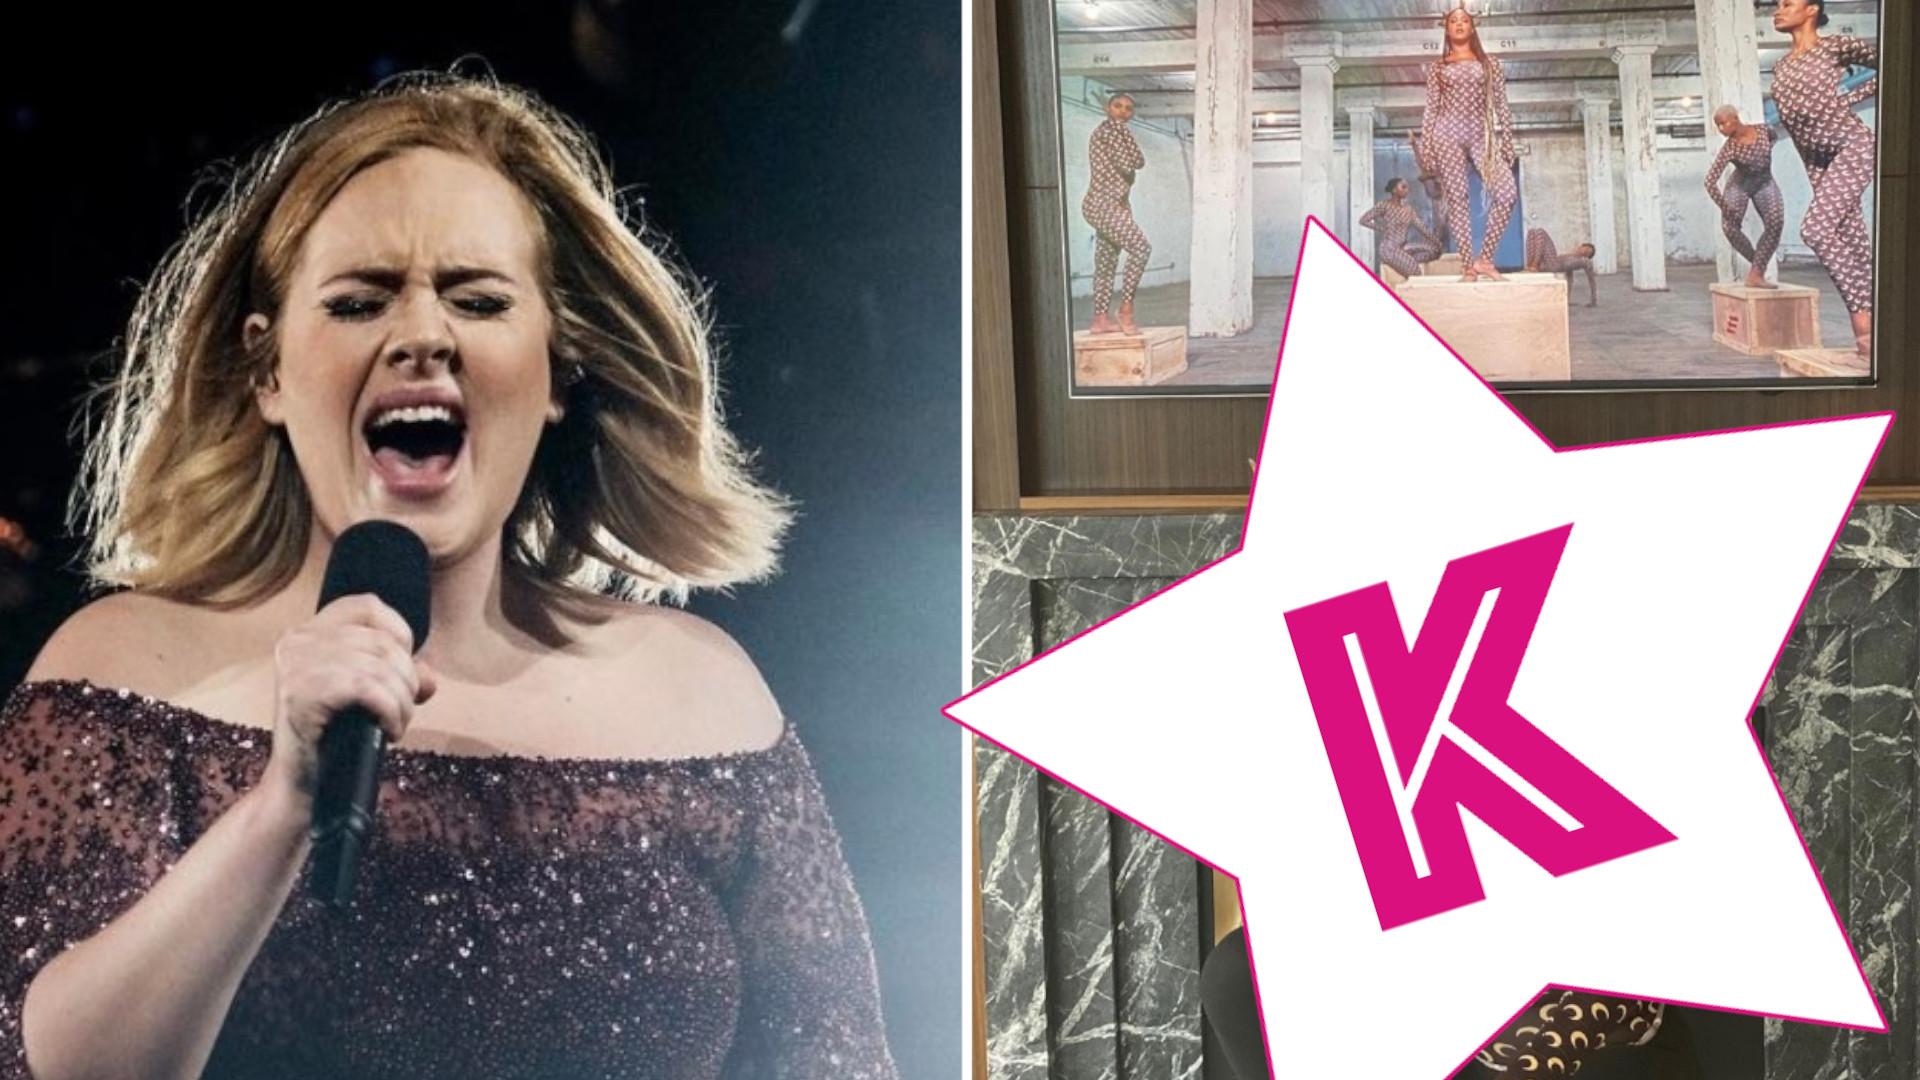 Adele jest jeszcze chudsza niż była. Wygląda jak Beyonce